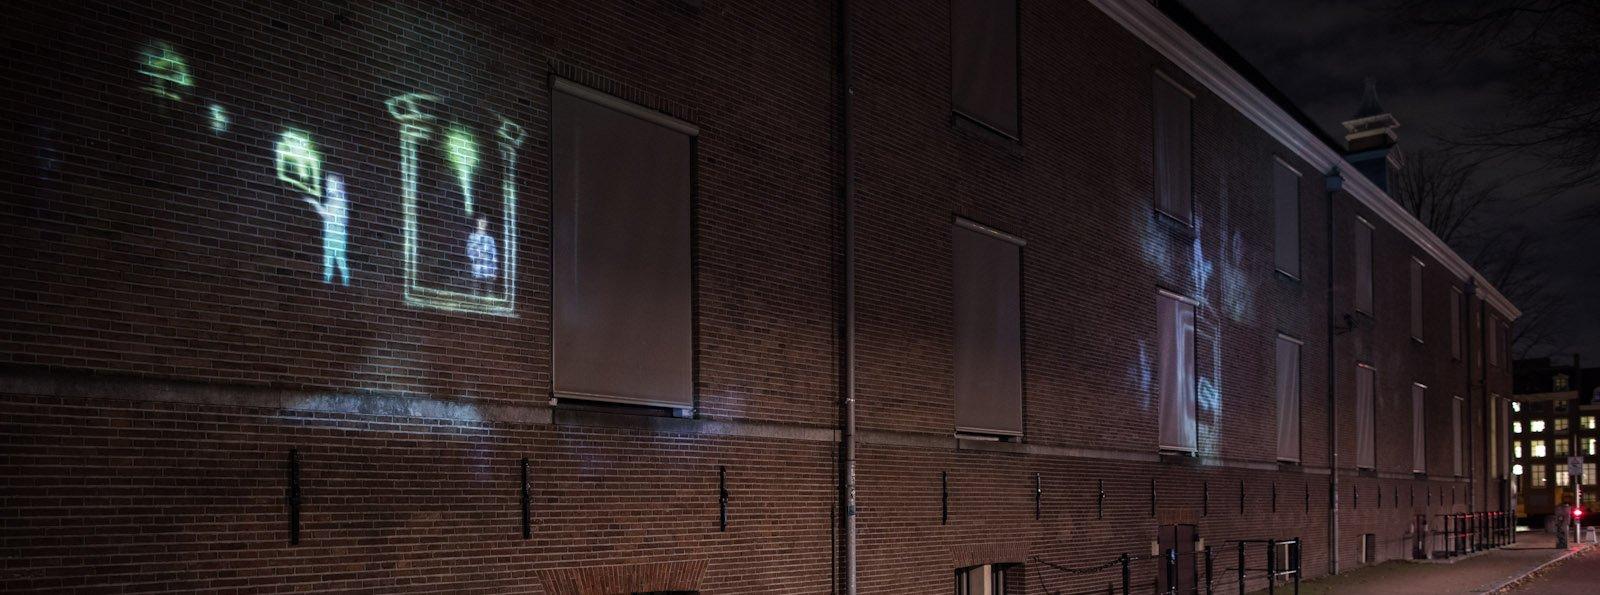 Не только «красные фонари»: смотрите, как украсили улицы Амстердама